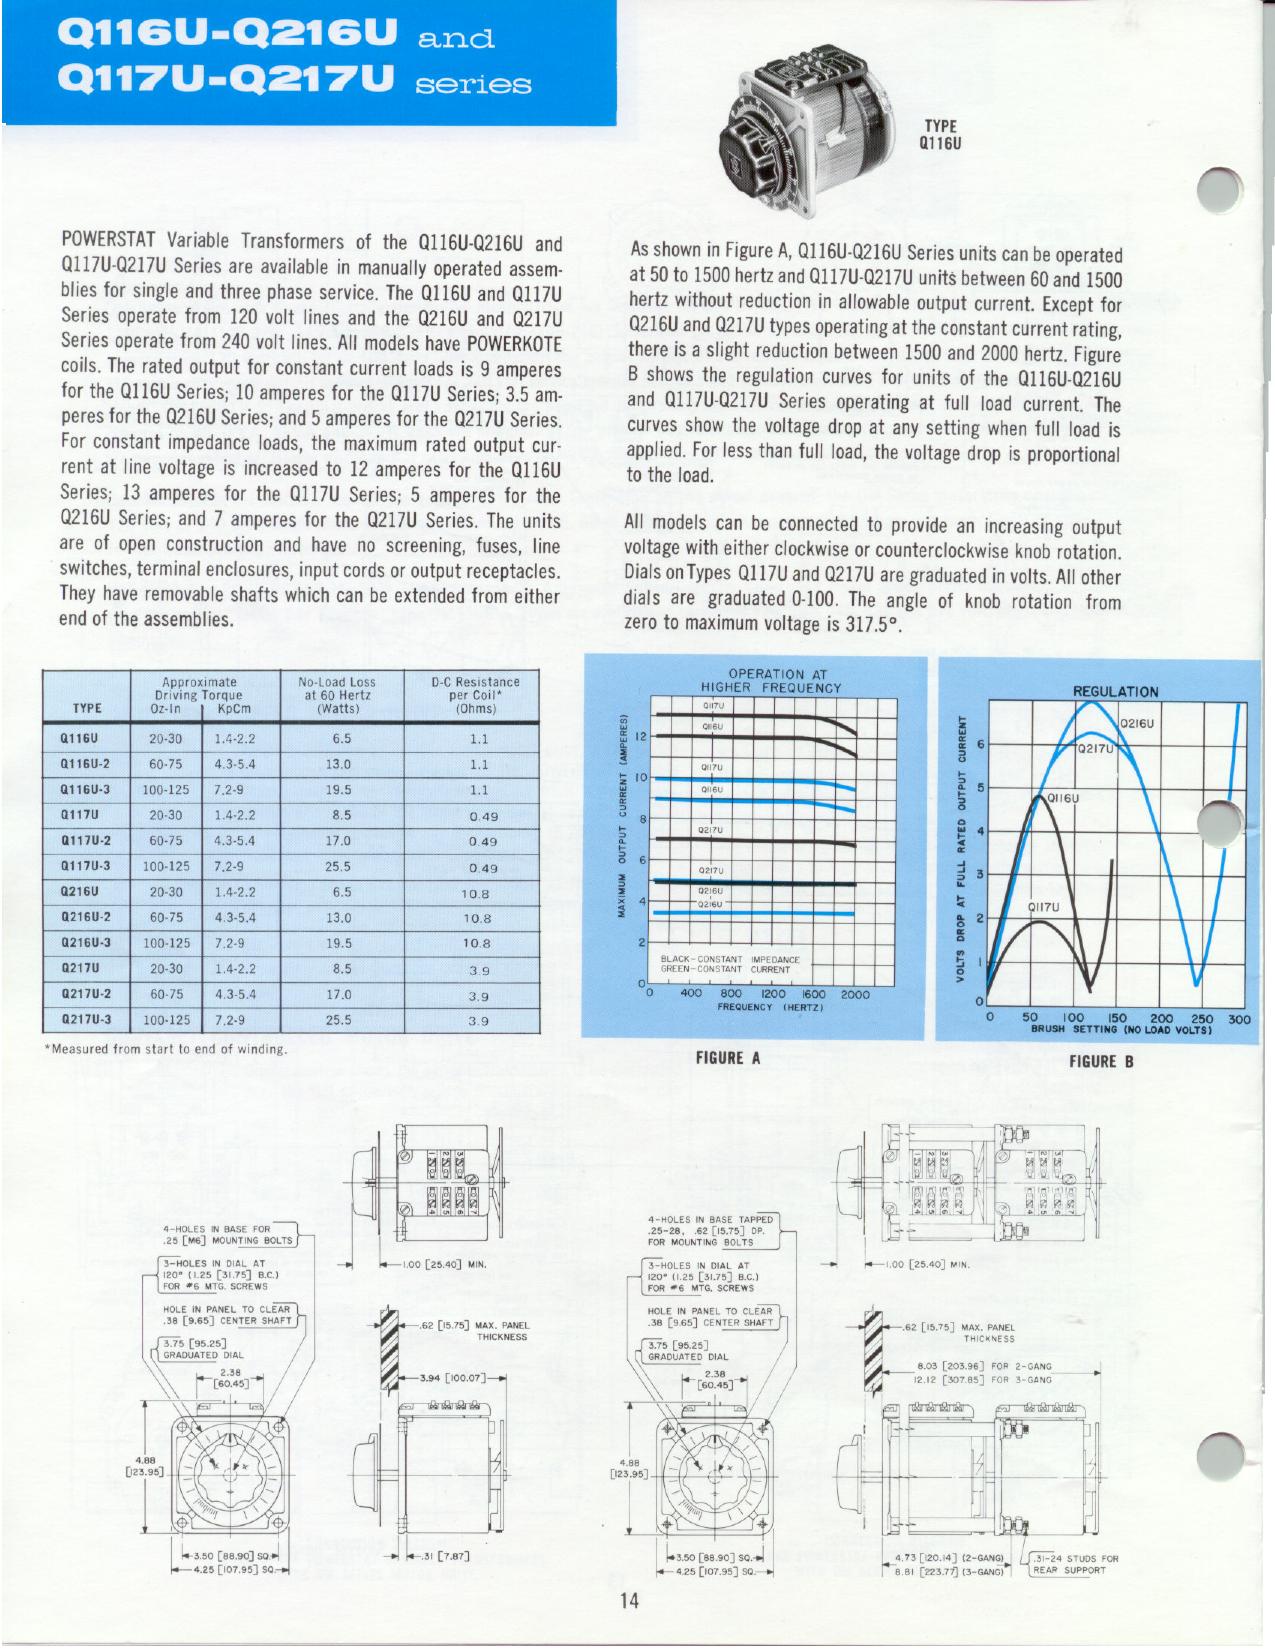 Q116U datasheet